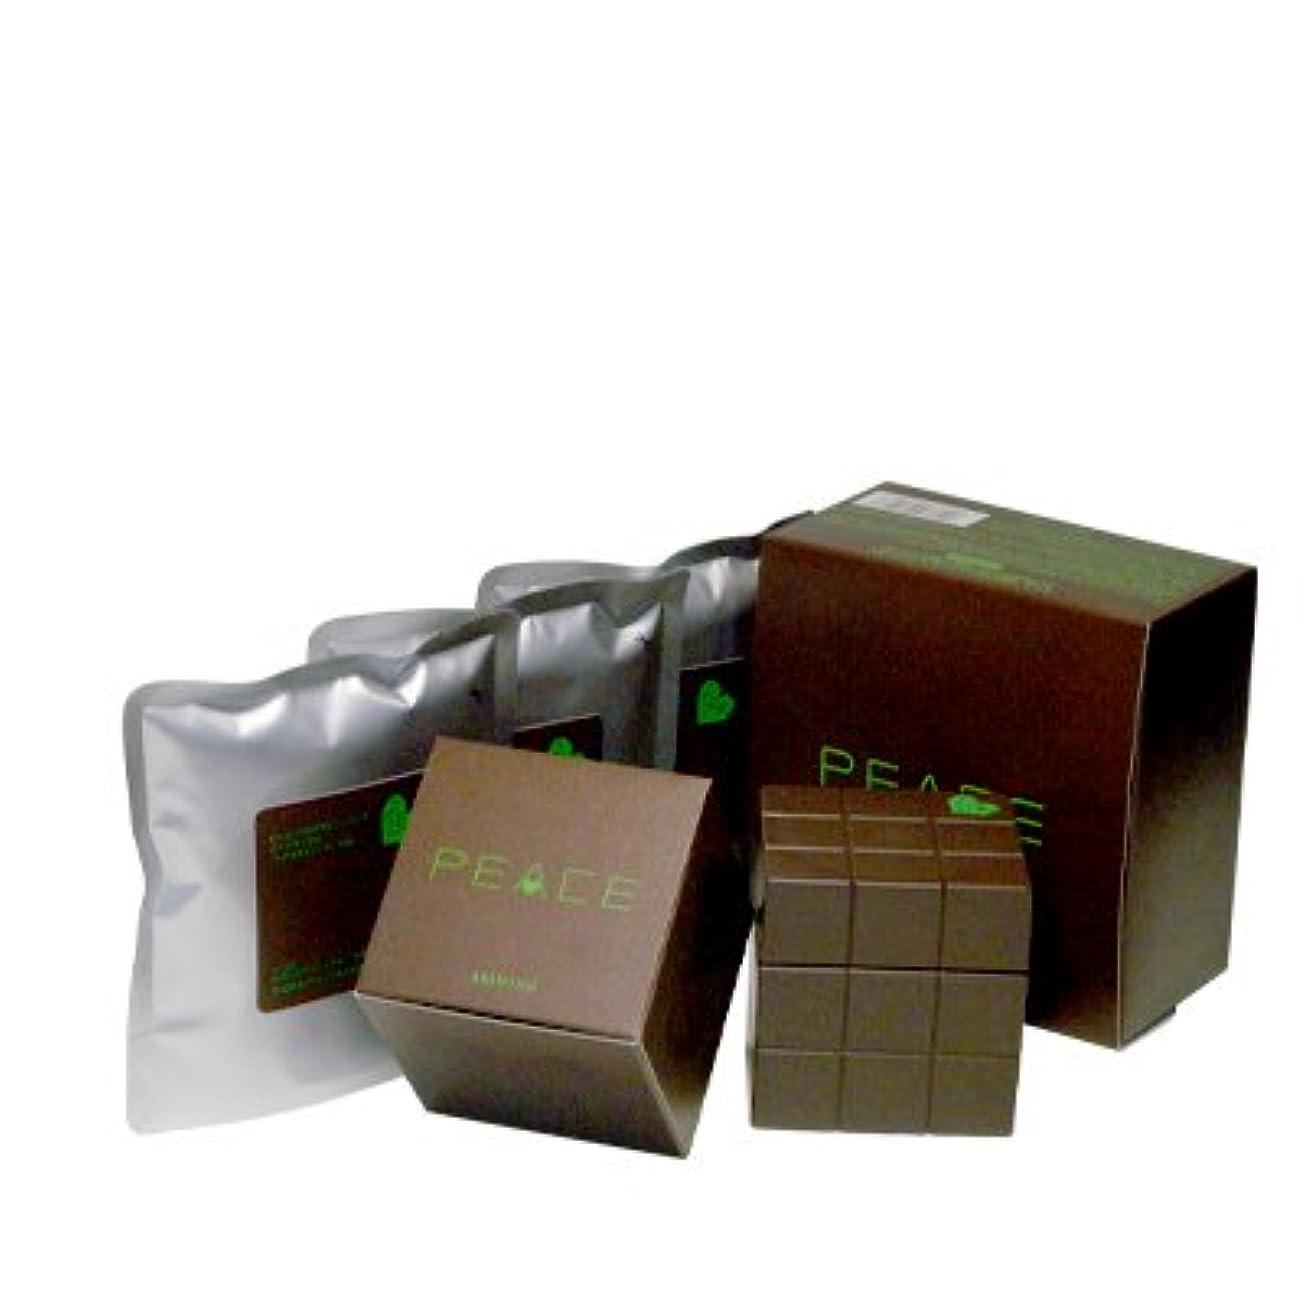 収まる完全にソブリケットアリミノ ピース プロデザインシリーズ ハードワックス チョコ80g+詰め替え80g×3